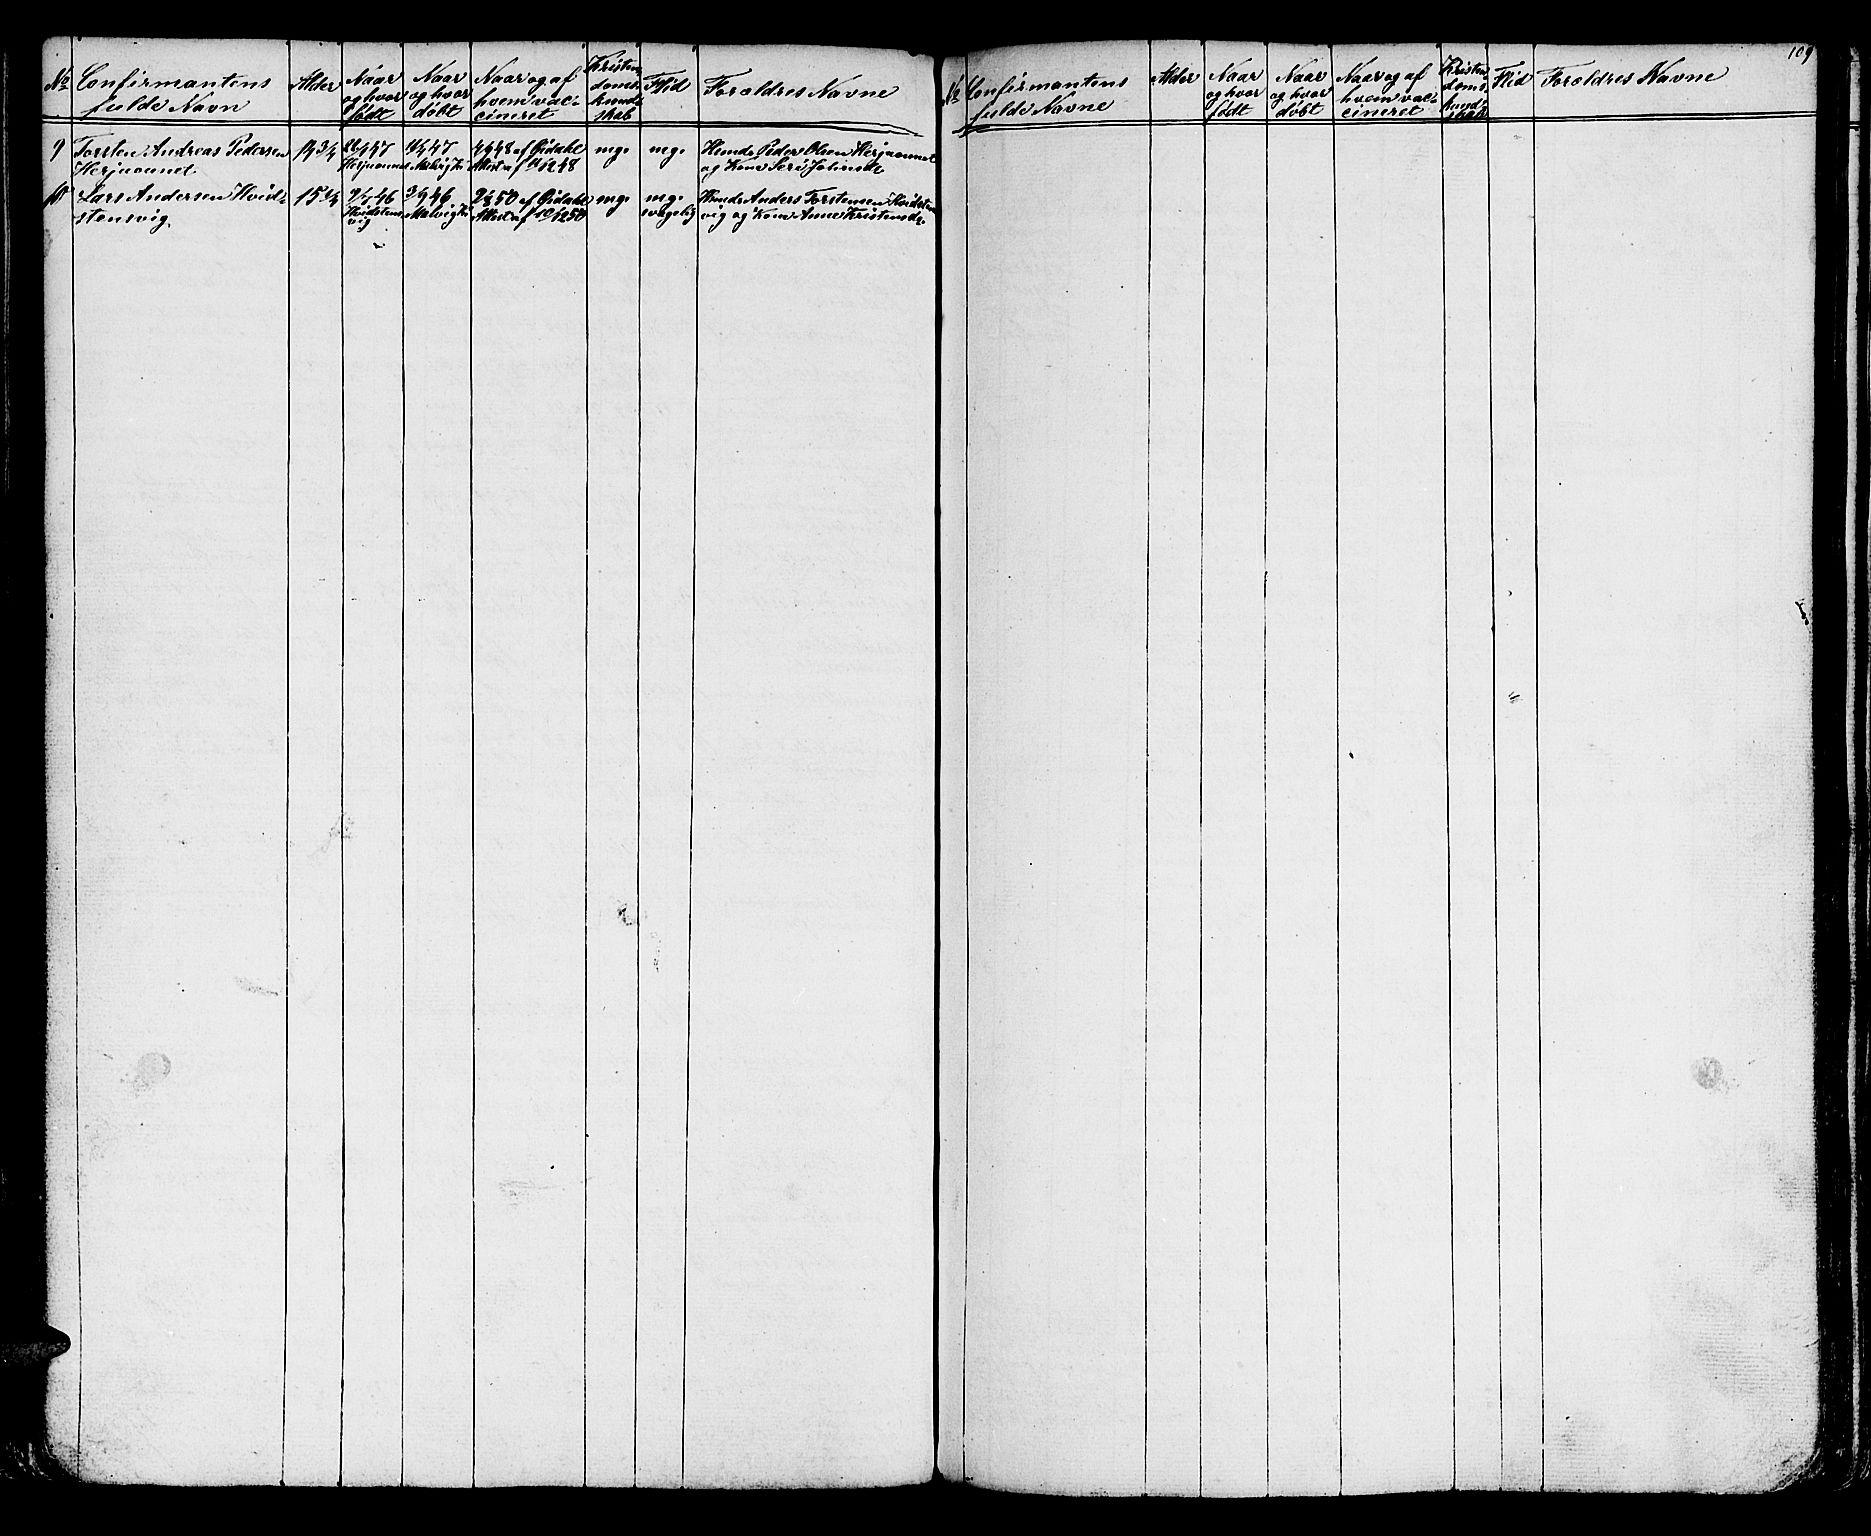 SAT, Ministerialprotokoller, klokkerbøker og fødselsregistre - Sør-Trøndelag, 616/L0422: Klokkerbok nr. 616C05, 1850-1888, s. 109